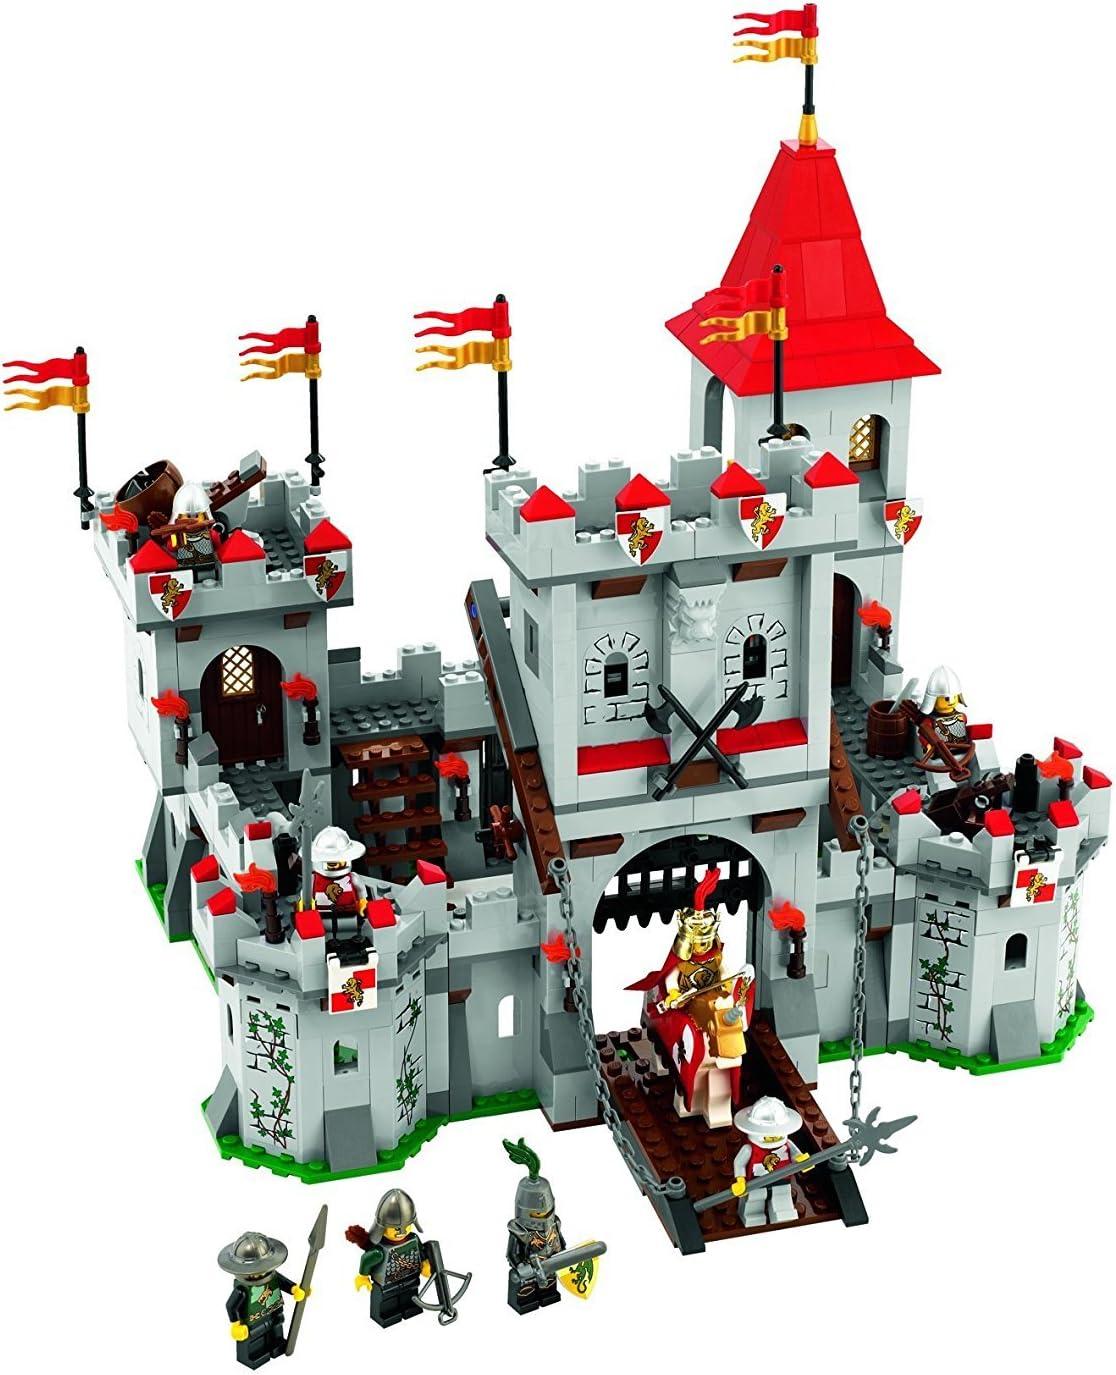 LEGOキングダムシリーズをまとめてチェック